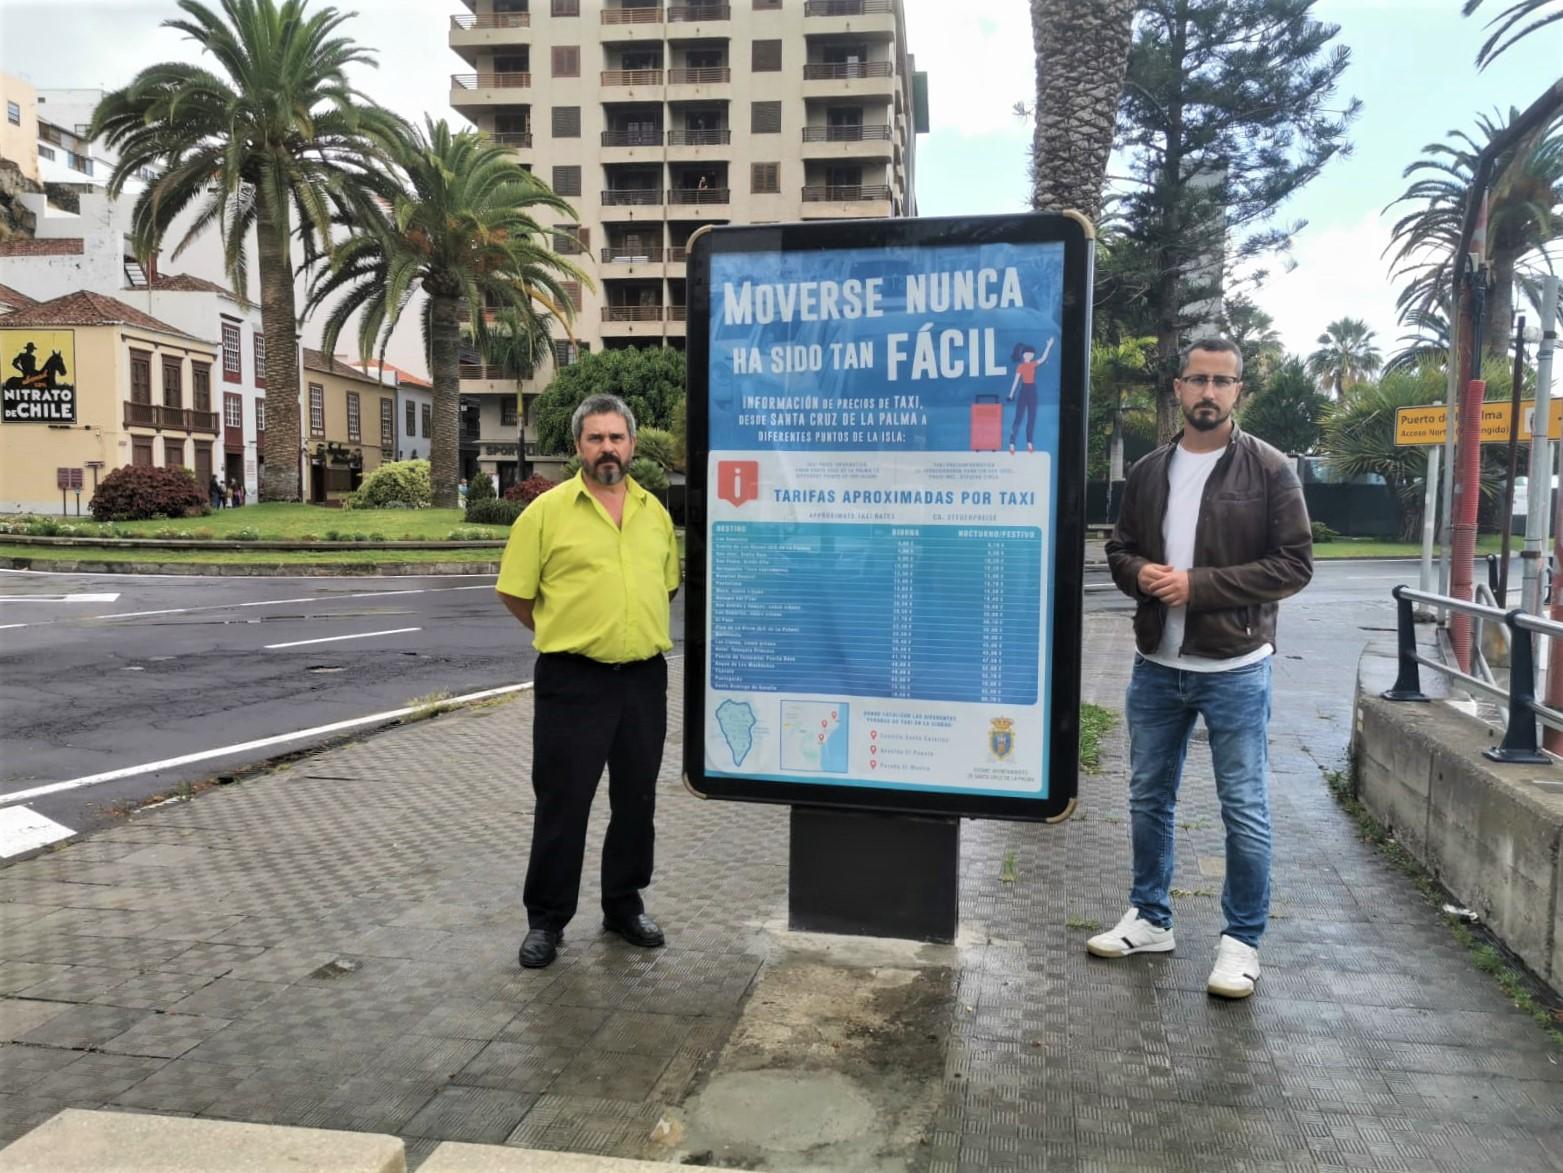 La Palma instala paneles informativos en las paradas de taxis